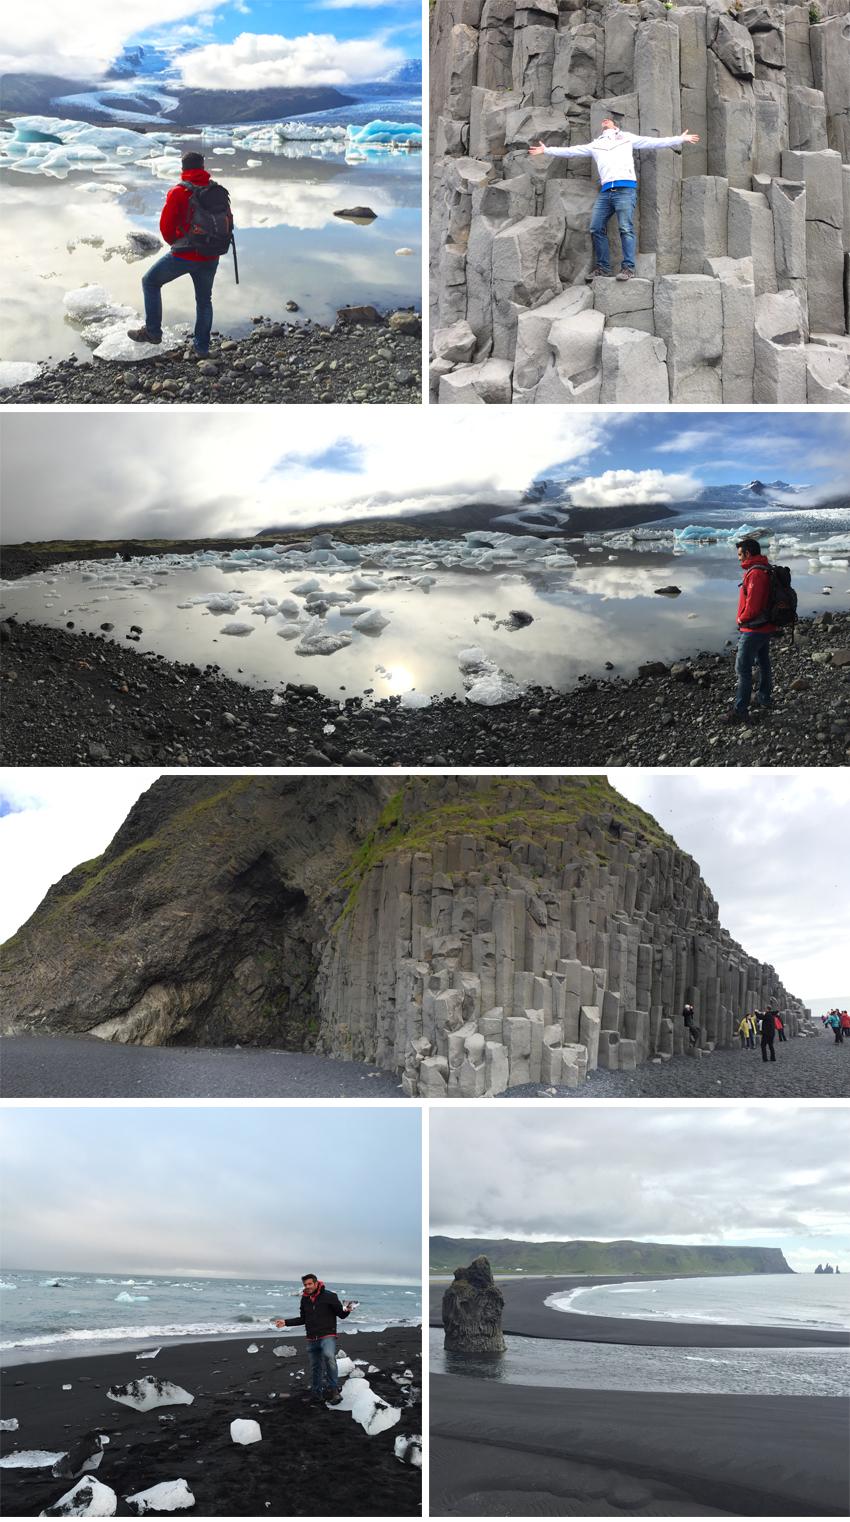 Viajar a Islandia con pocos días: Viajar a Islandia viajar a islandia con pocos días - 21610245263 673acd5b42 o - Viajar a Islandia con pocos días